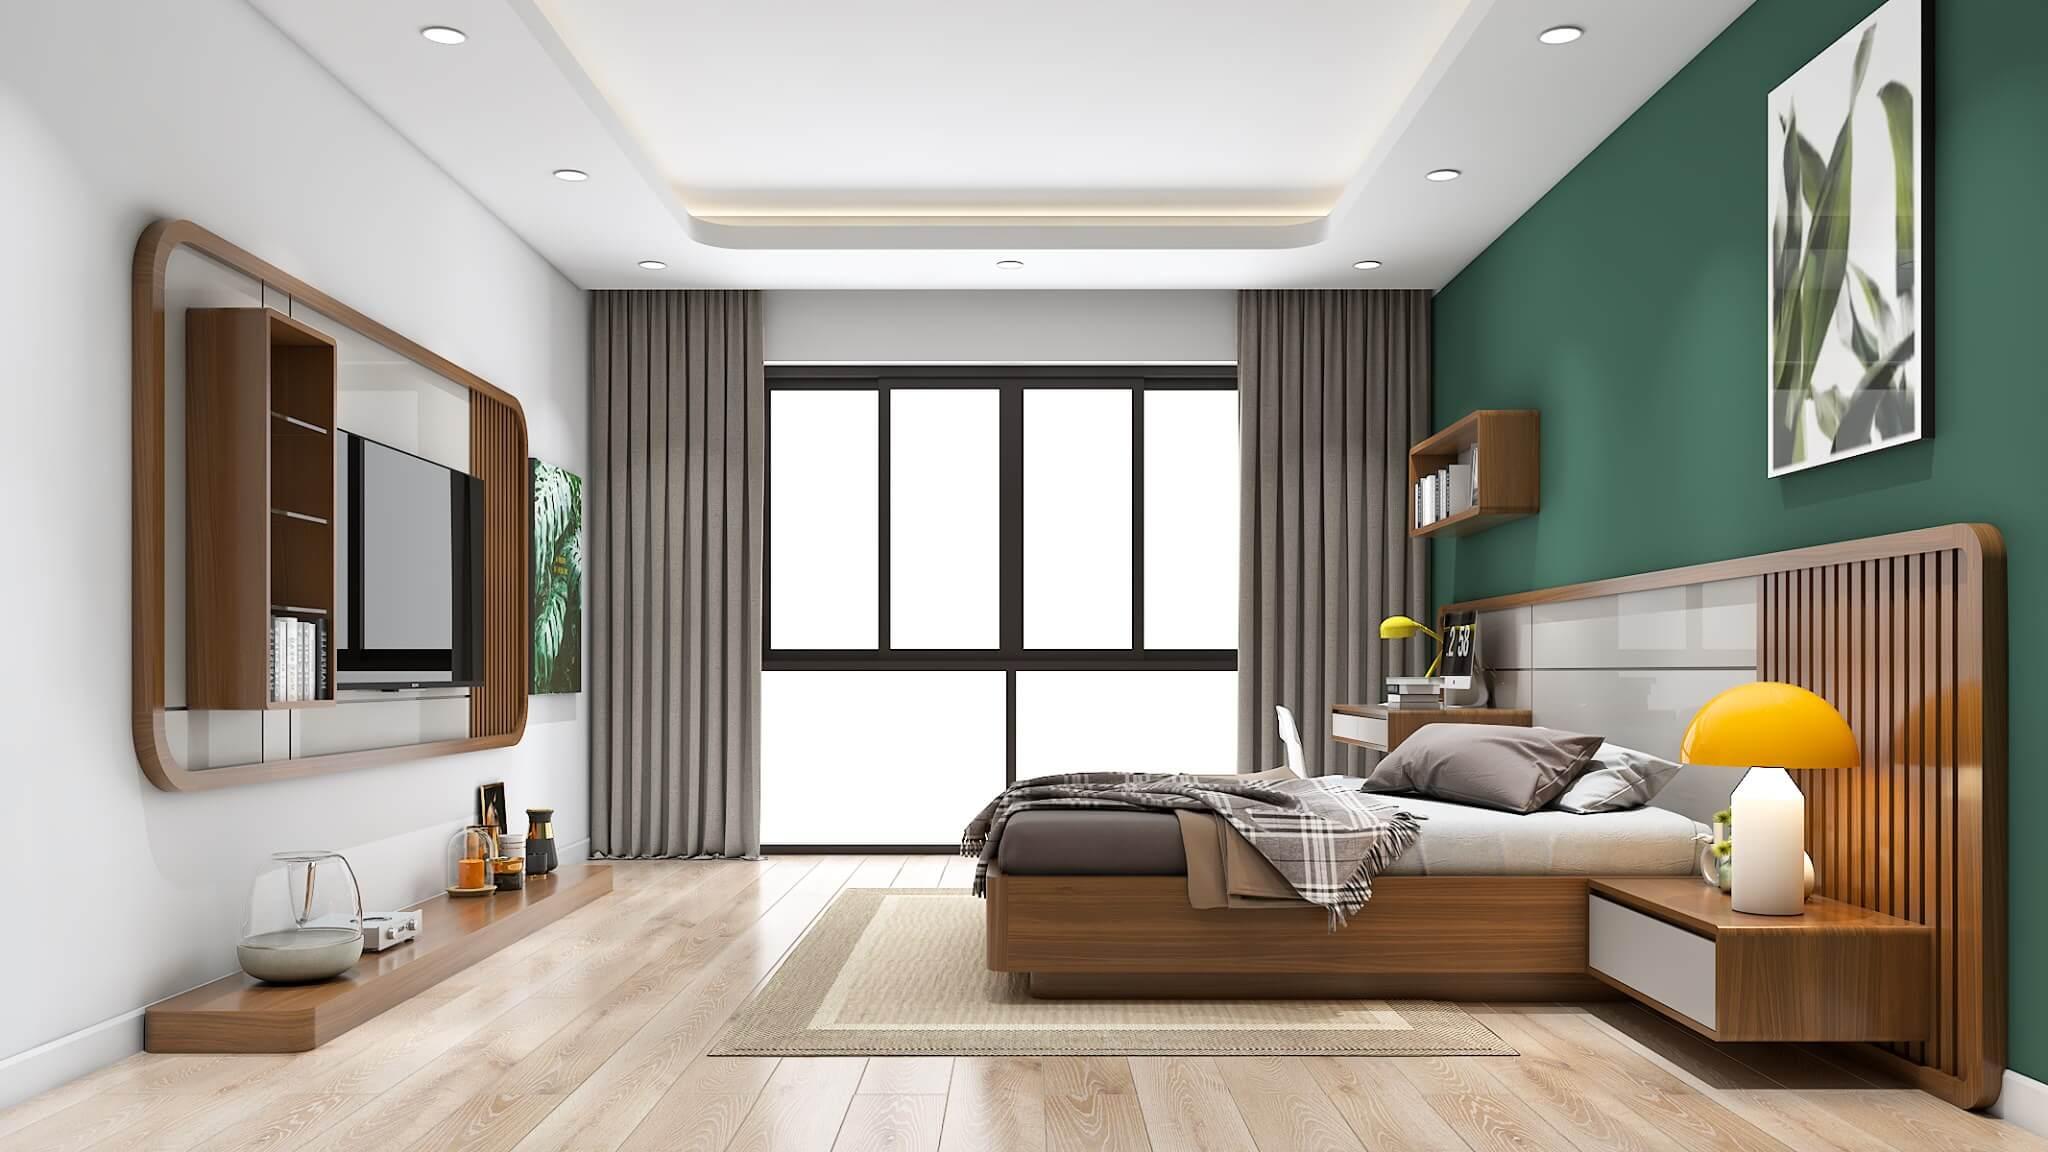 Sự năng động về chất liệu màu sắc của phòng ngủ